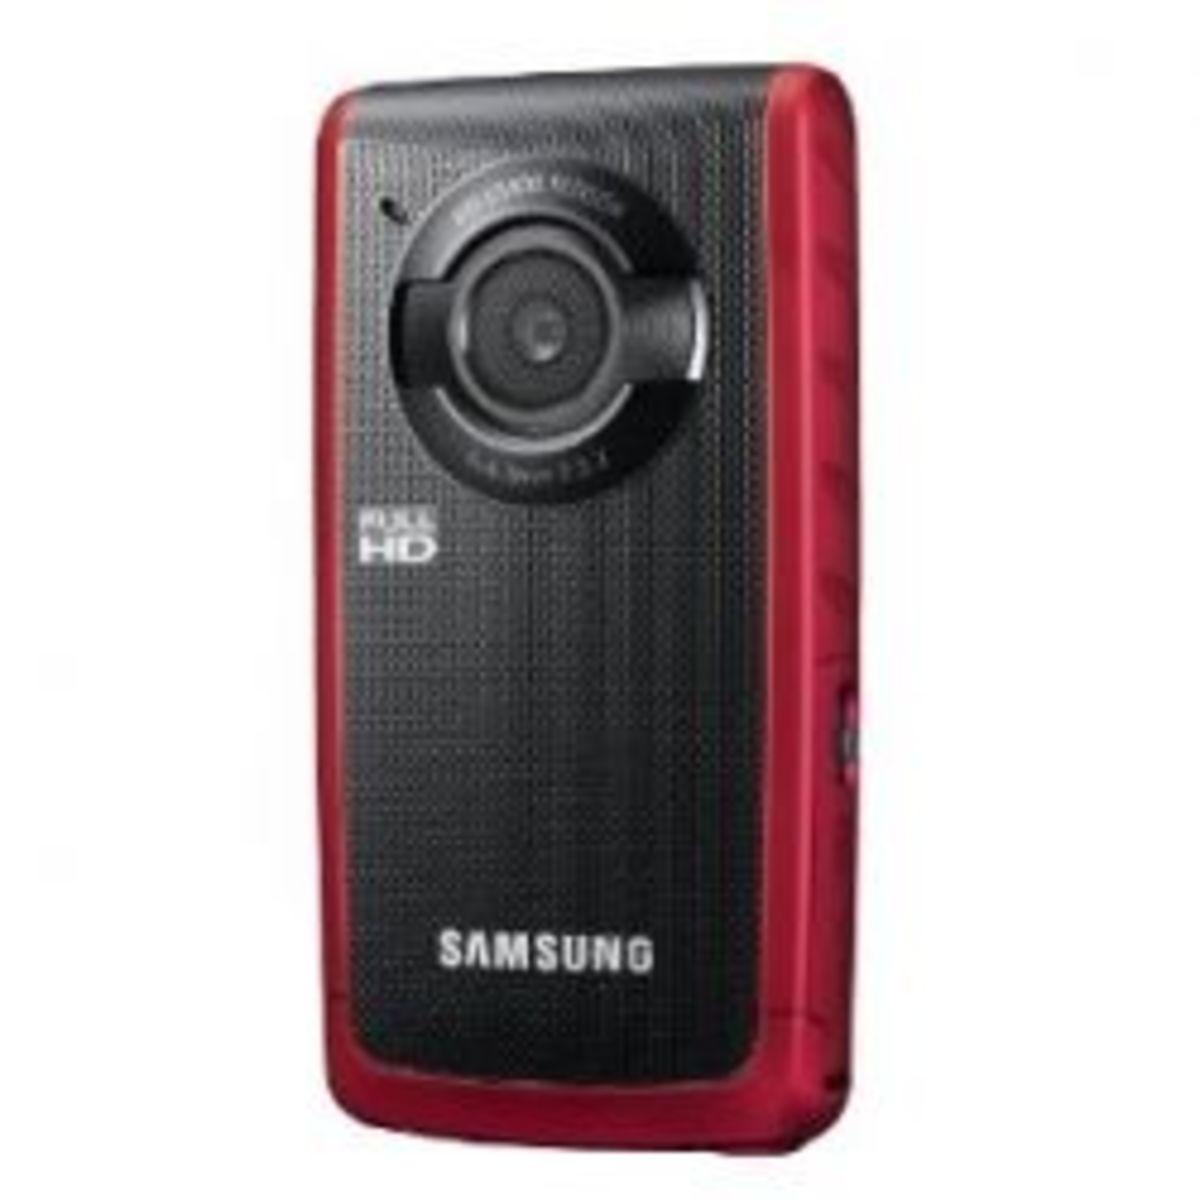 Samsung HMX-W200 Waterproof Camcorder